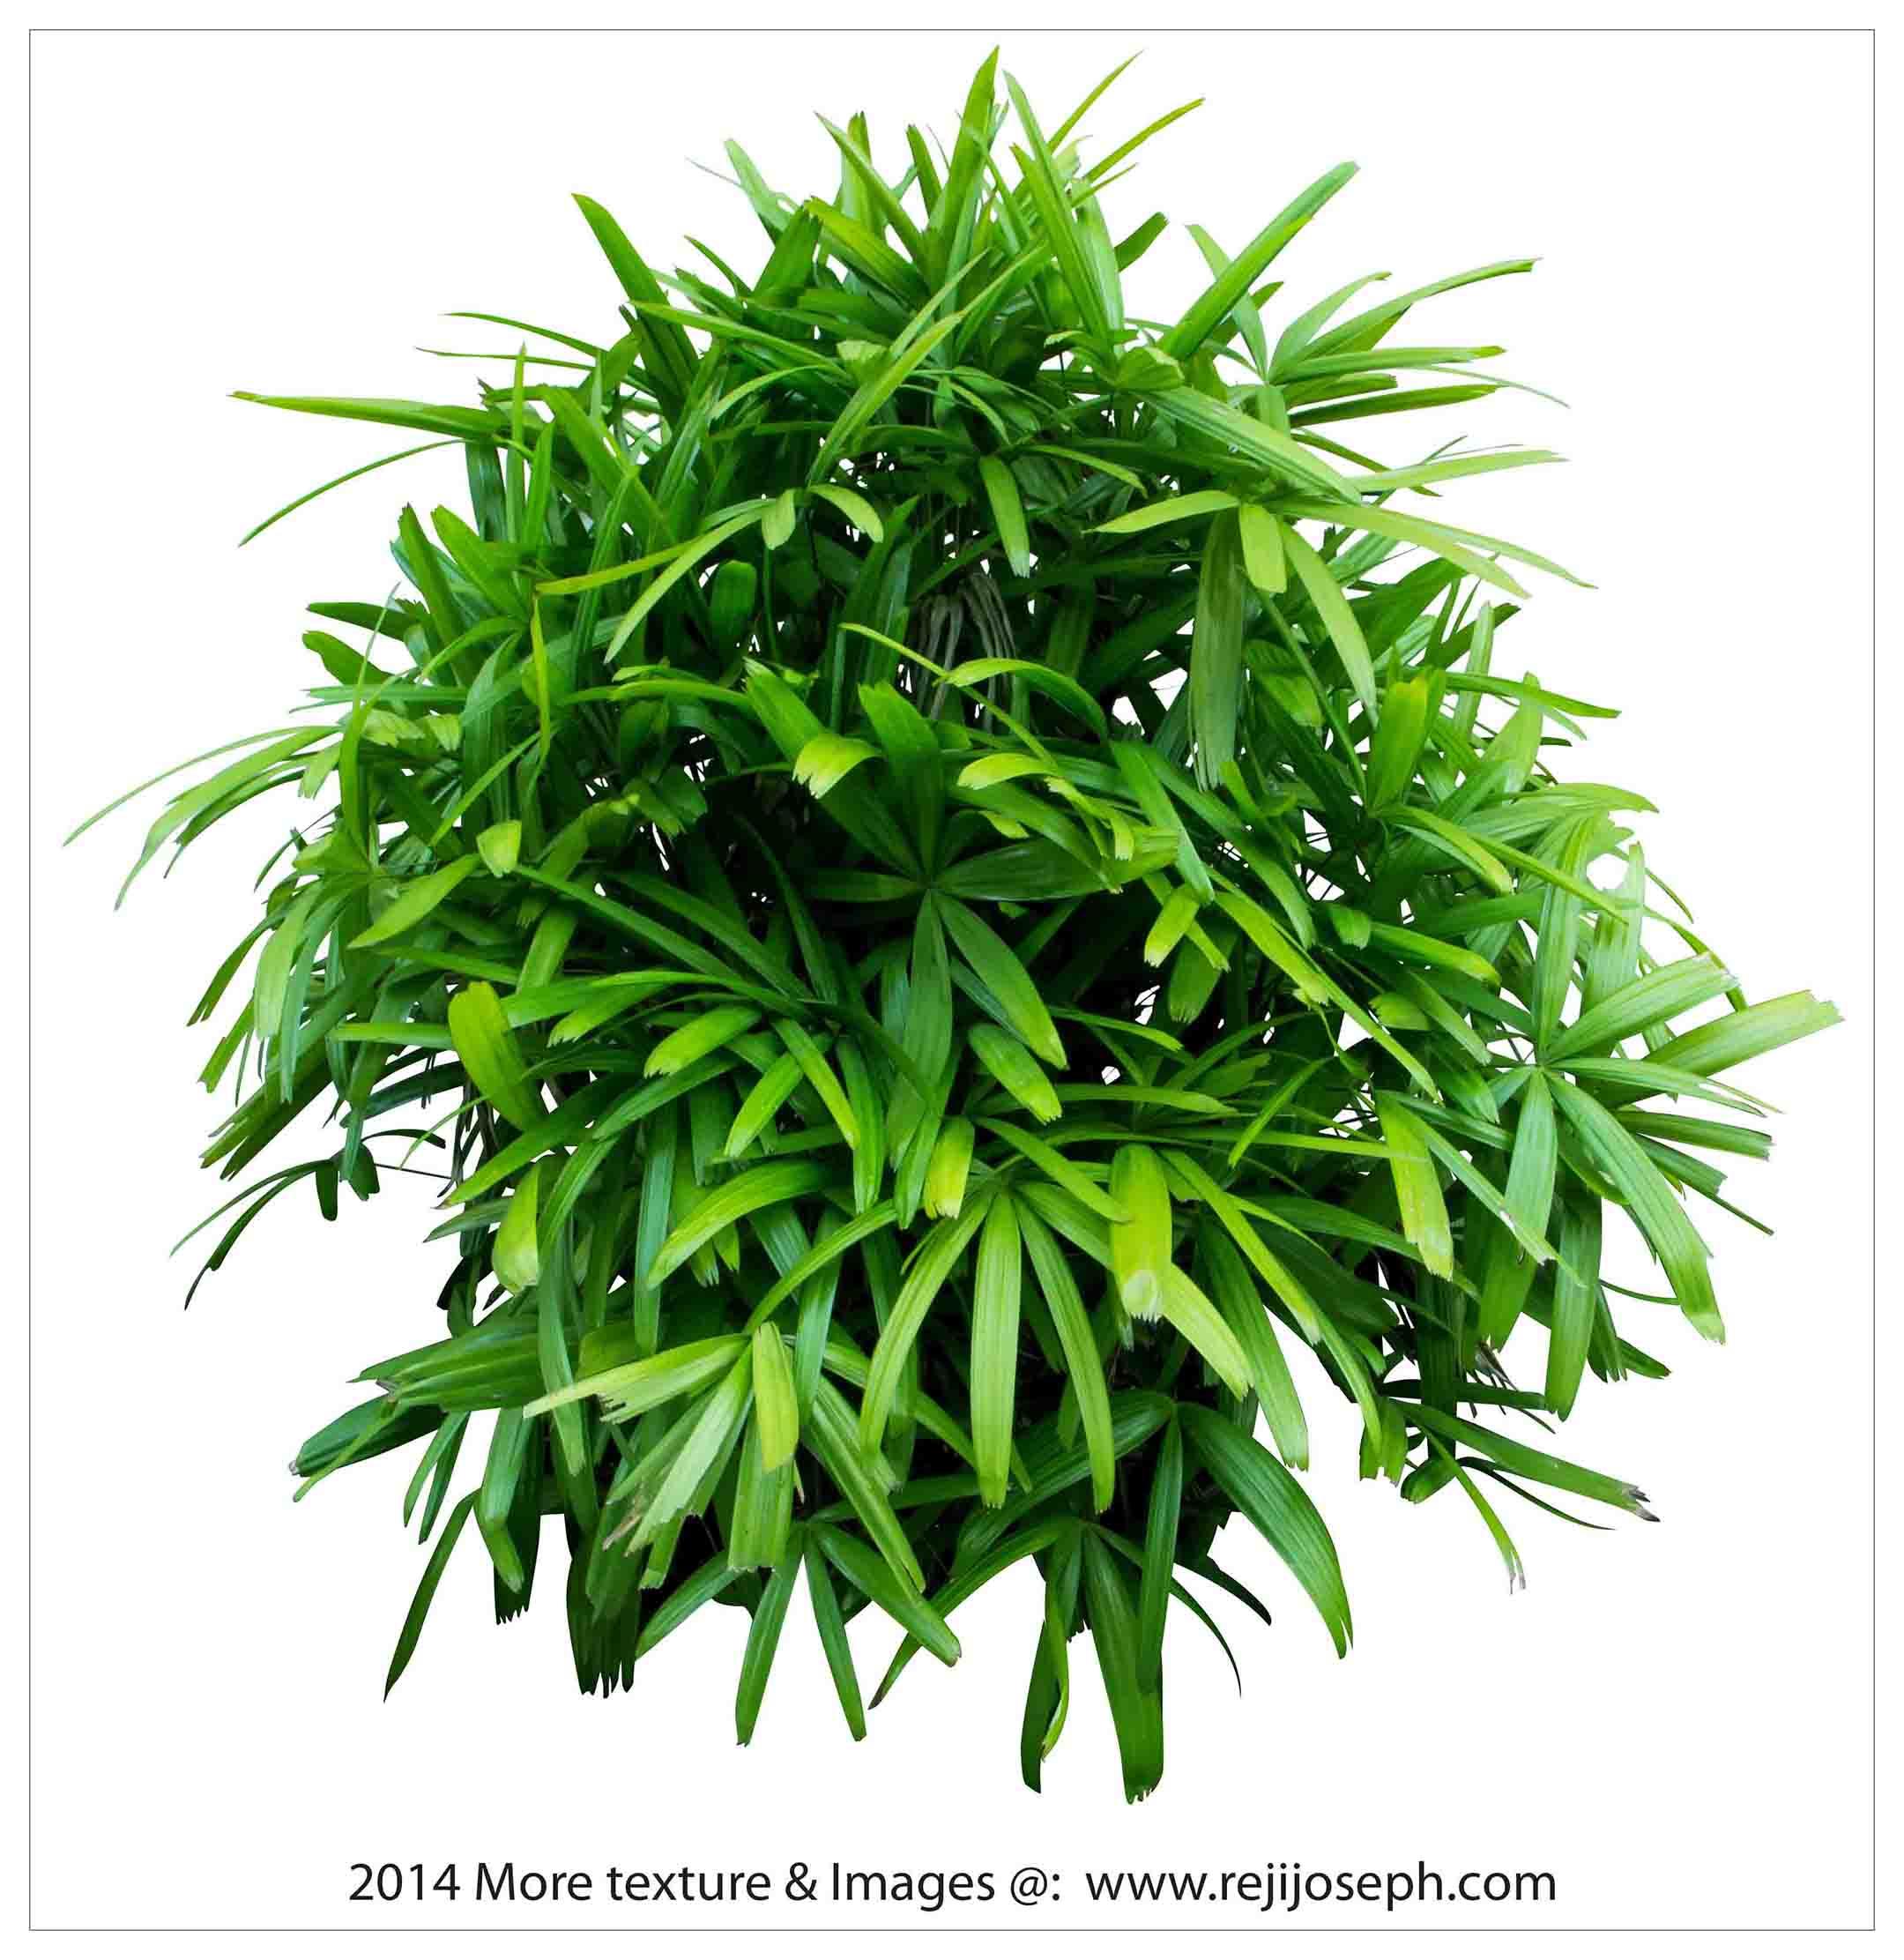 Garden plants texture 00016